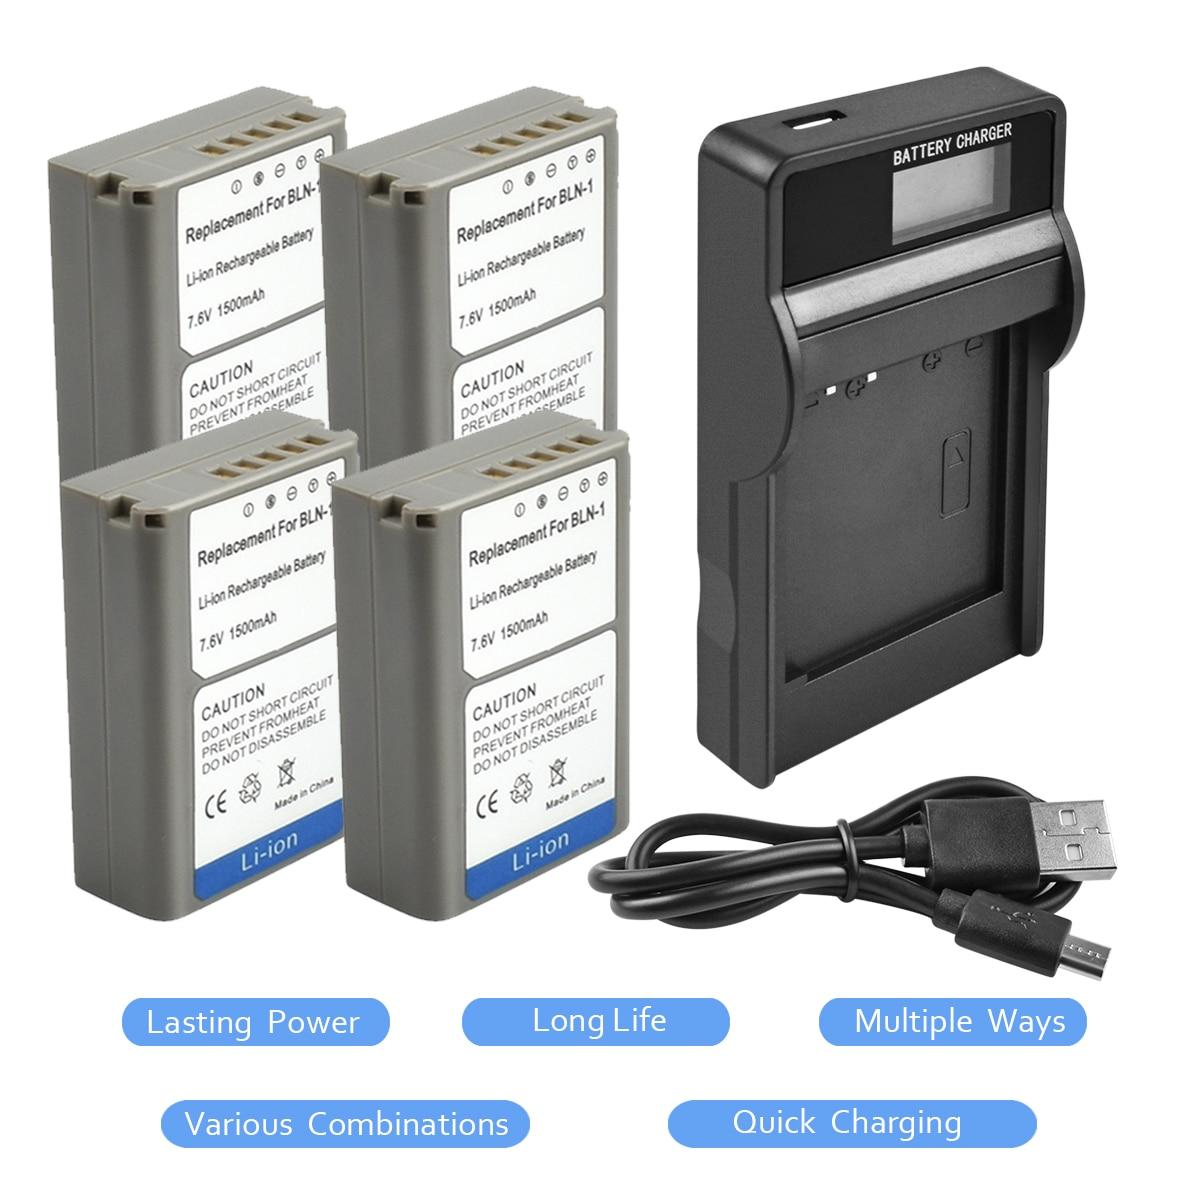 4 Packs BLN-1 BLN1 PSBLN1 Batterie 7.4 v 1500 mah + 1 Port Batterie chargeur avec LED pour Olympus E-M5 OM-D E-M1 E-P5 E-M5 II Caméra L15